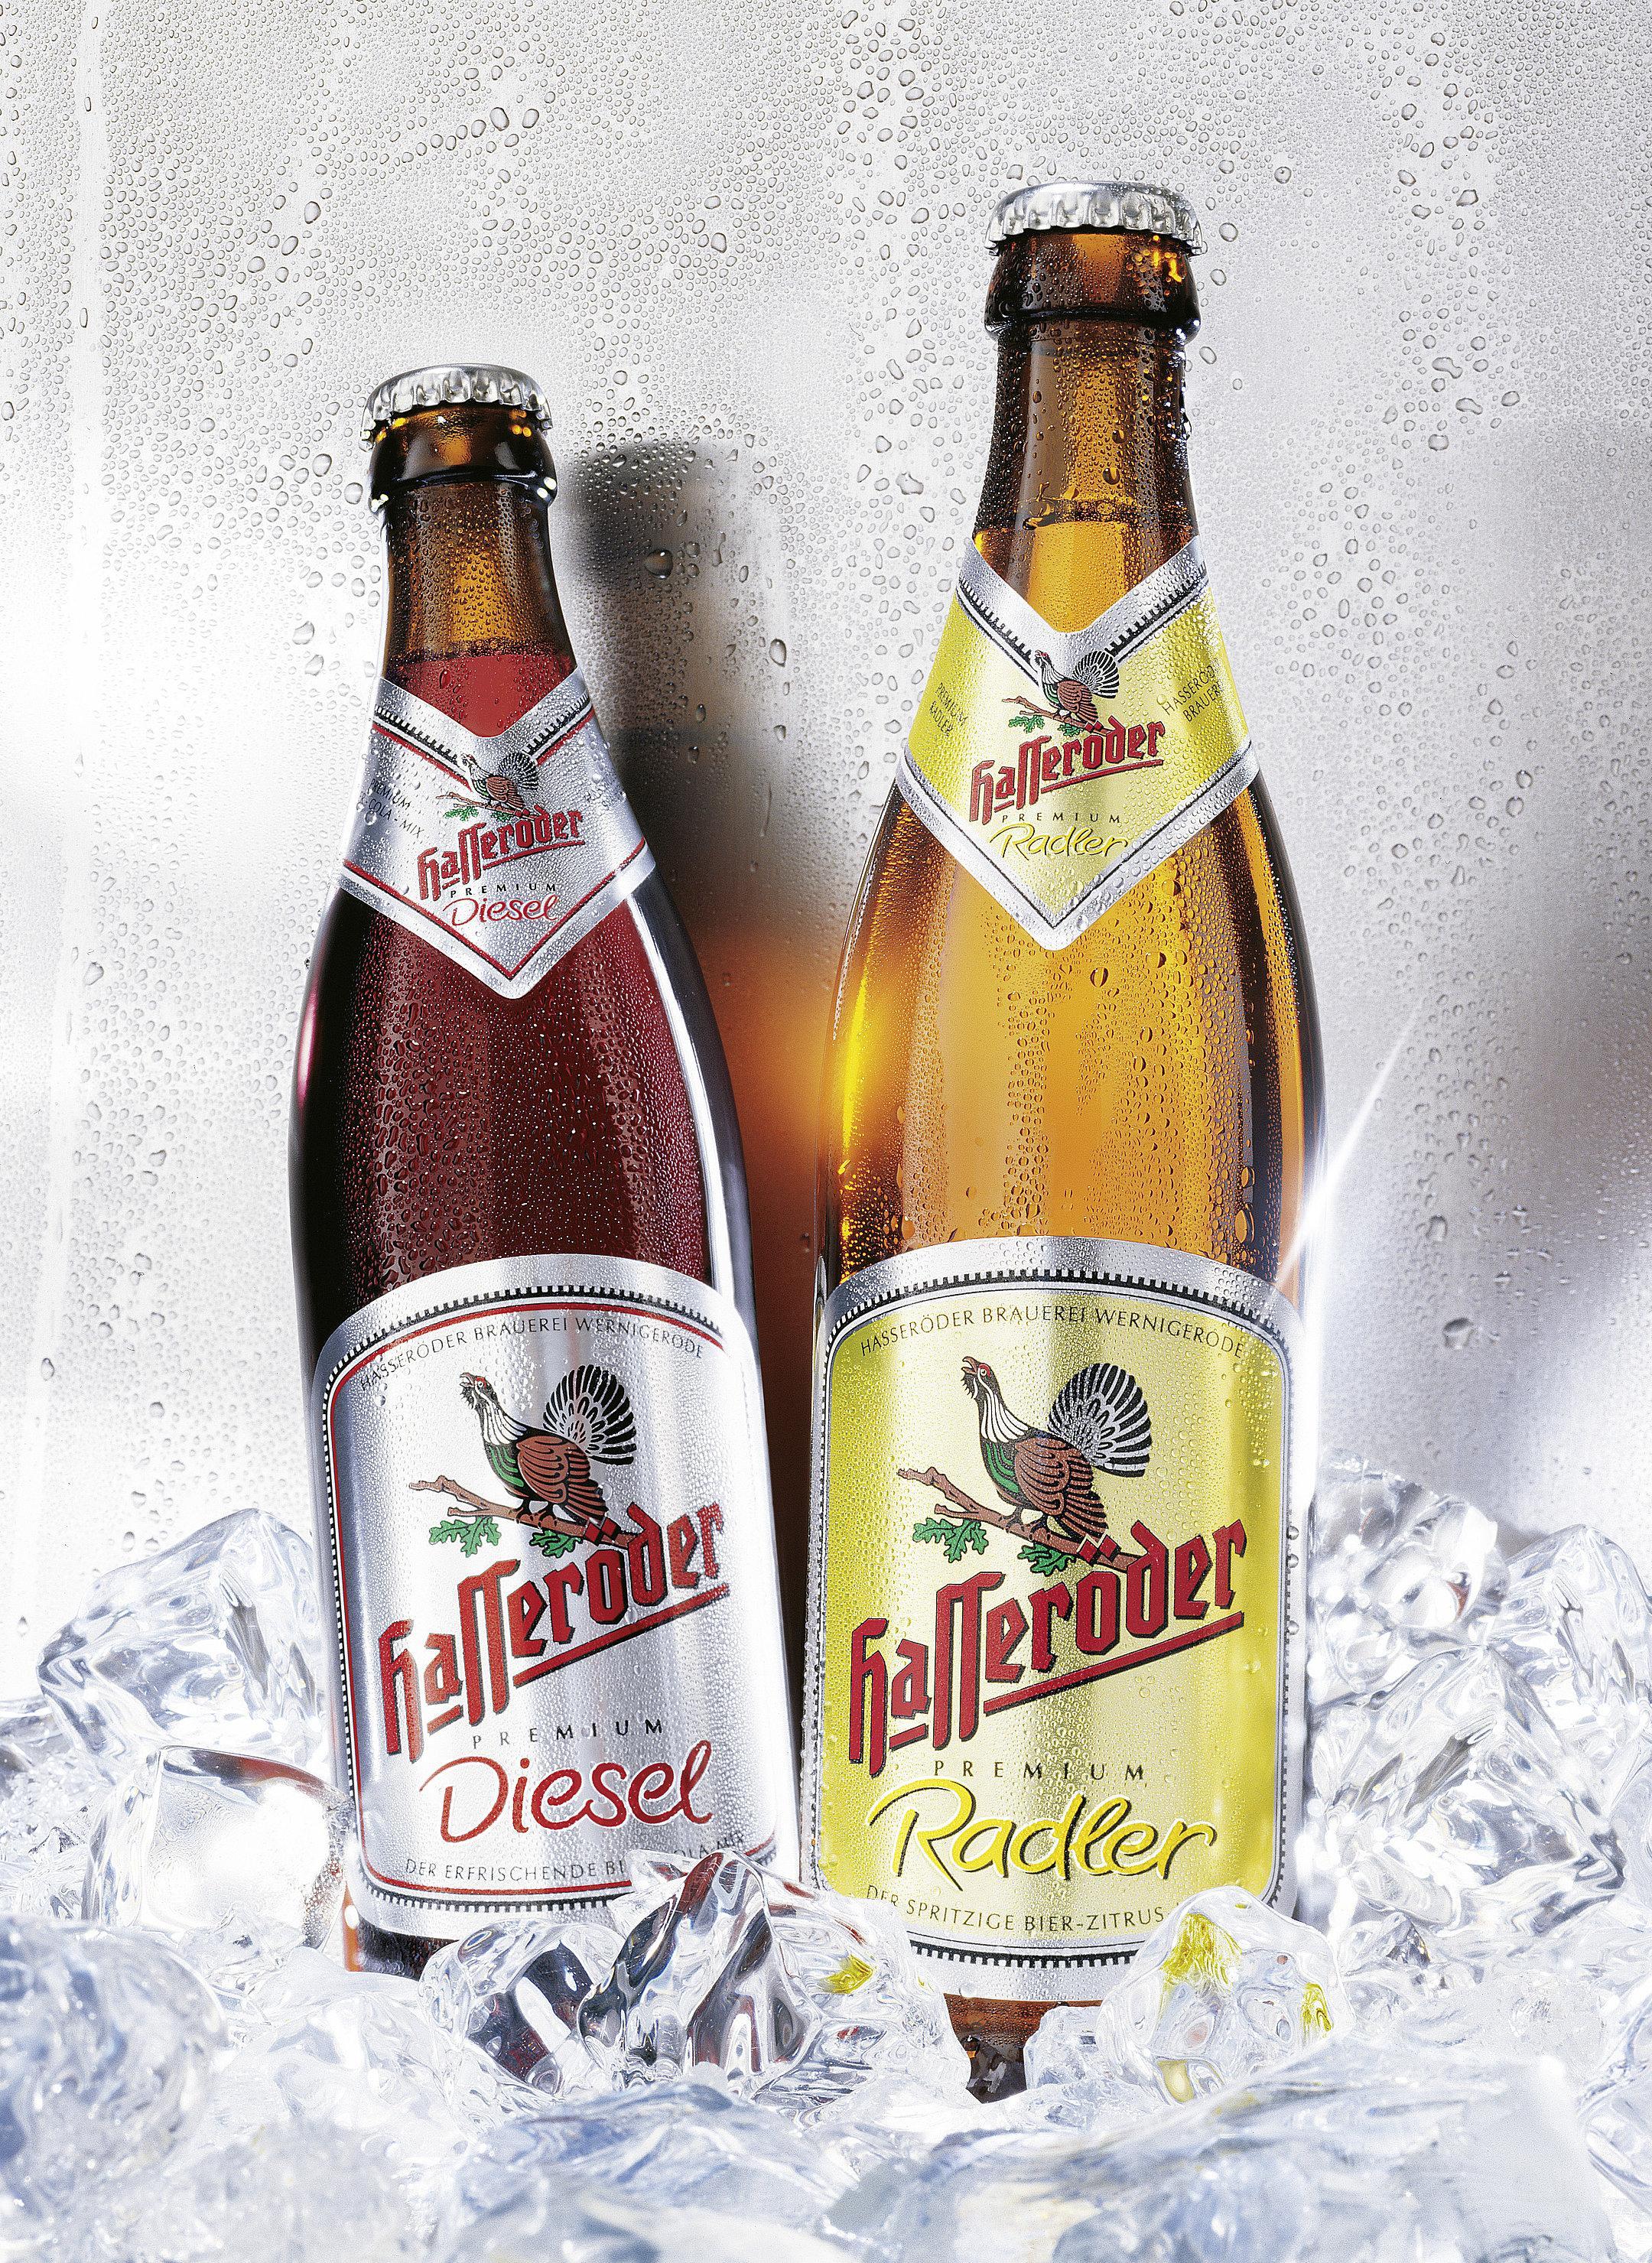 Hasserröder Pilsener Mixgetränke Diesel und Radler in Eiswürfelbett gekühlt vor betautem silbernem Hintergrund